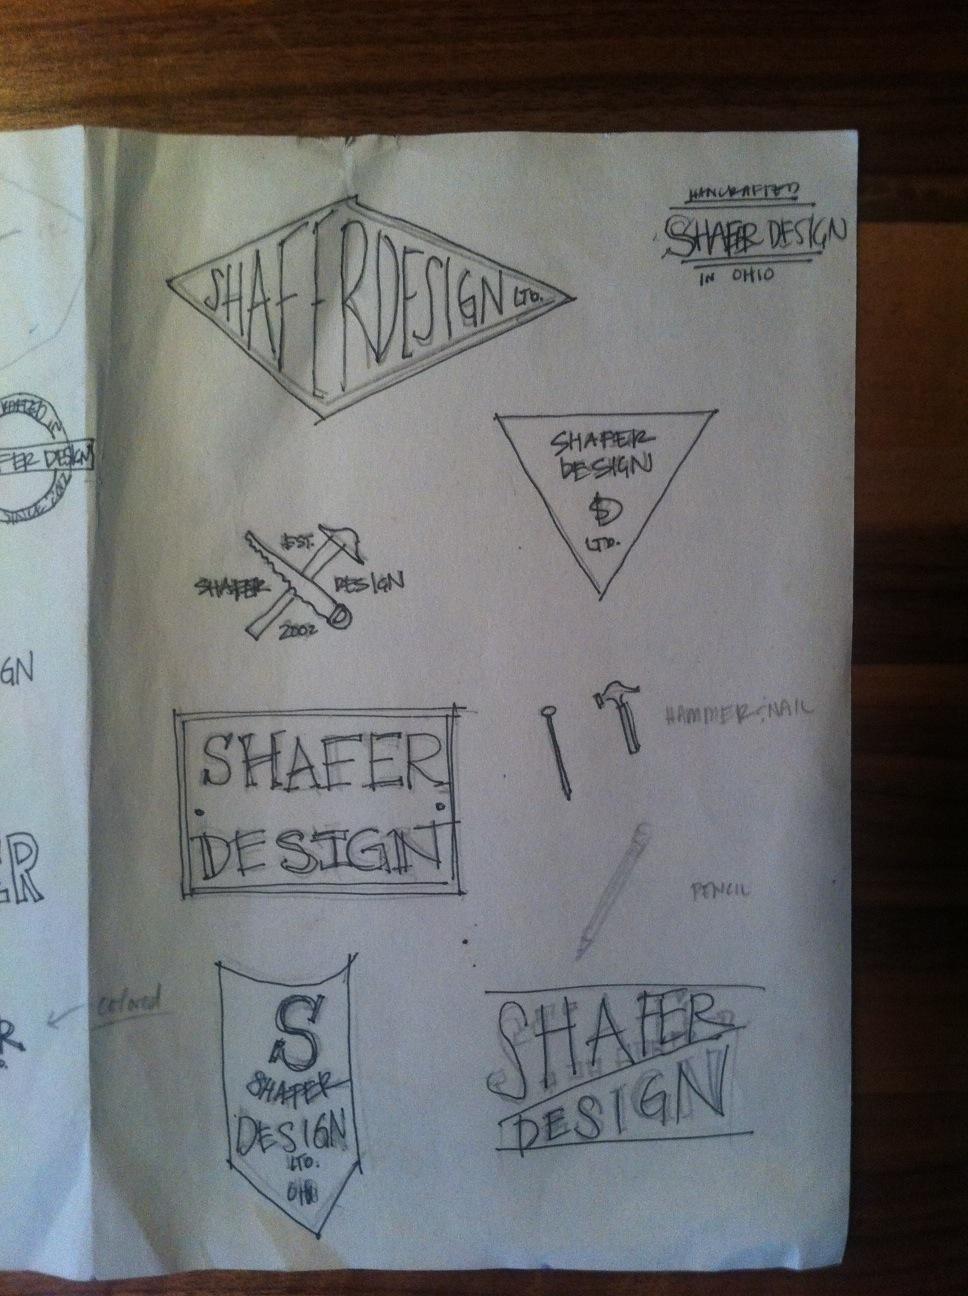 Designer & Furniture Maker Branding - image 2 - student project